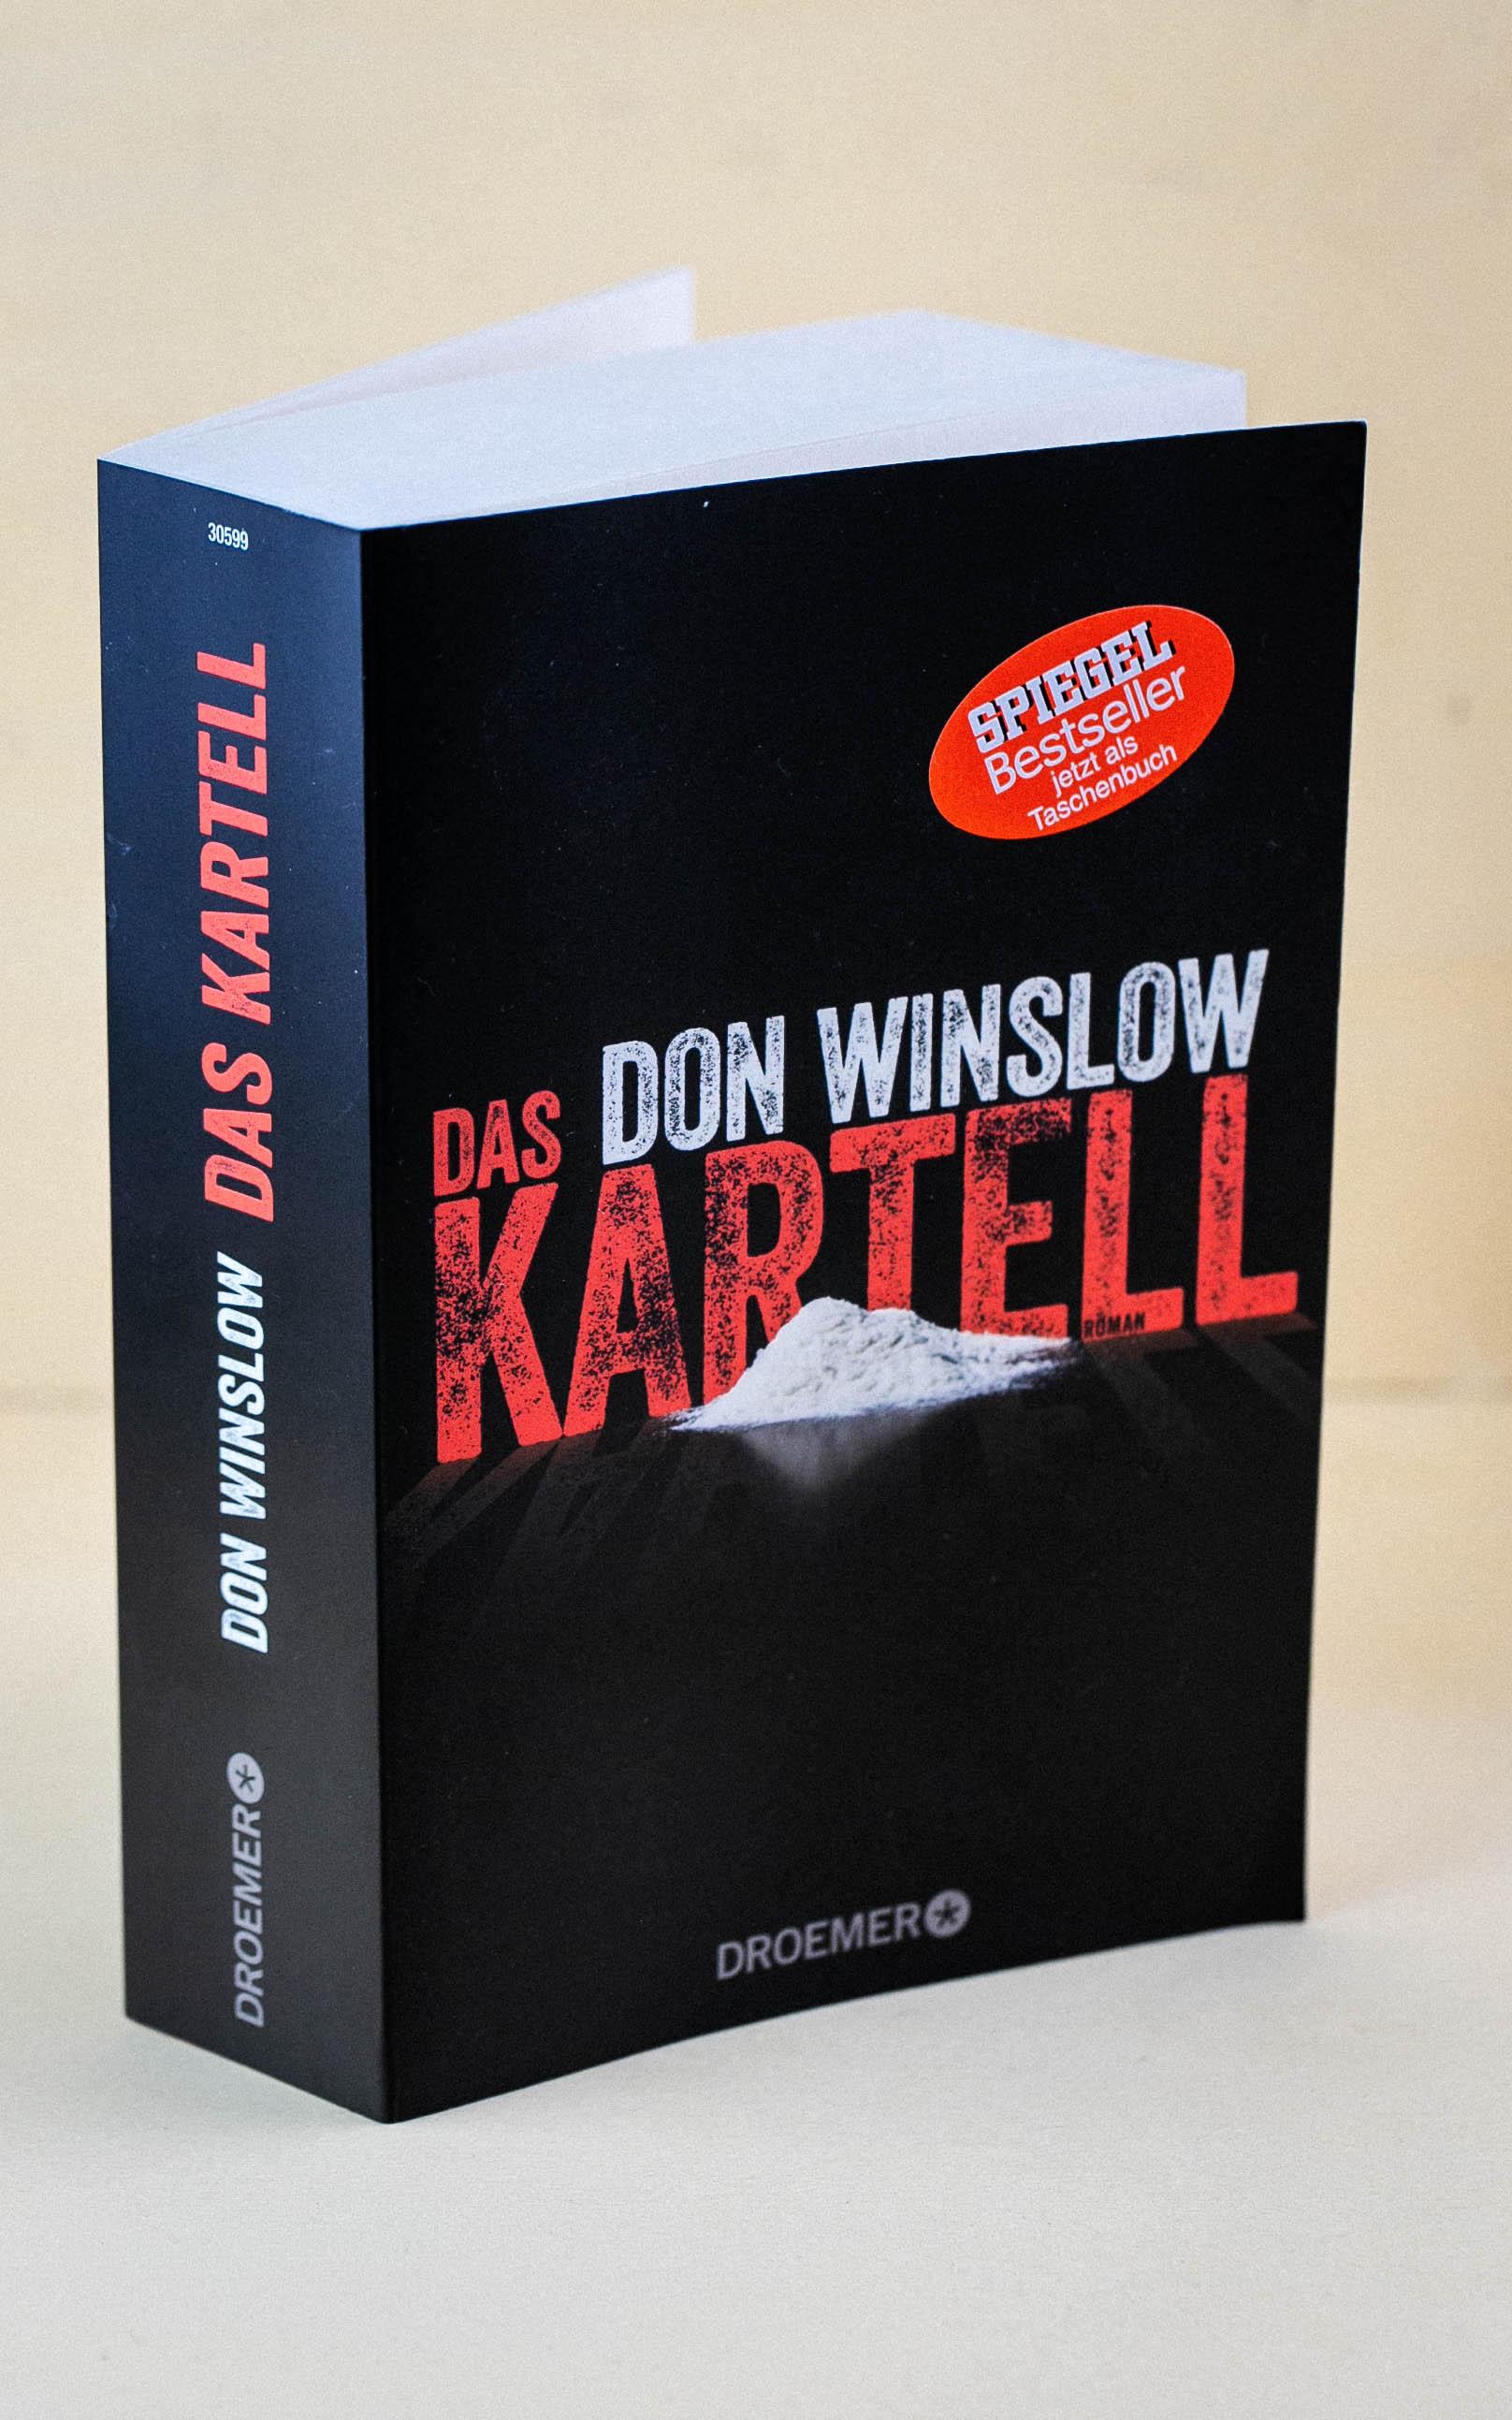 Das Kartell von Don Winslow © Droemer Knaur